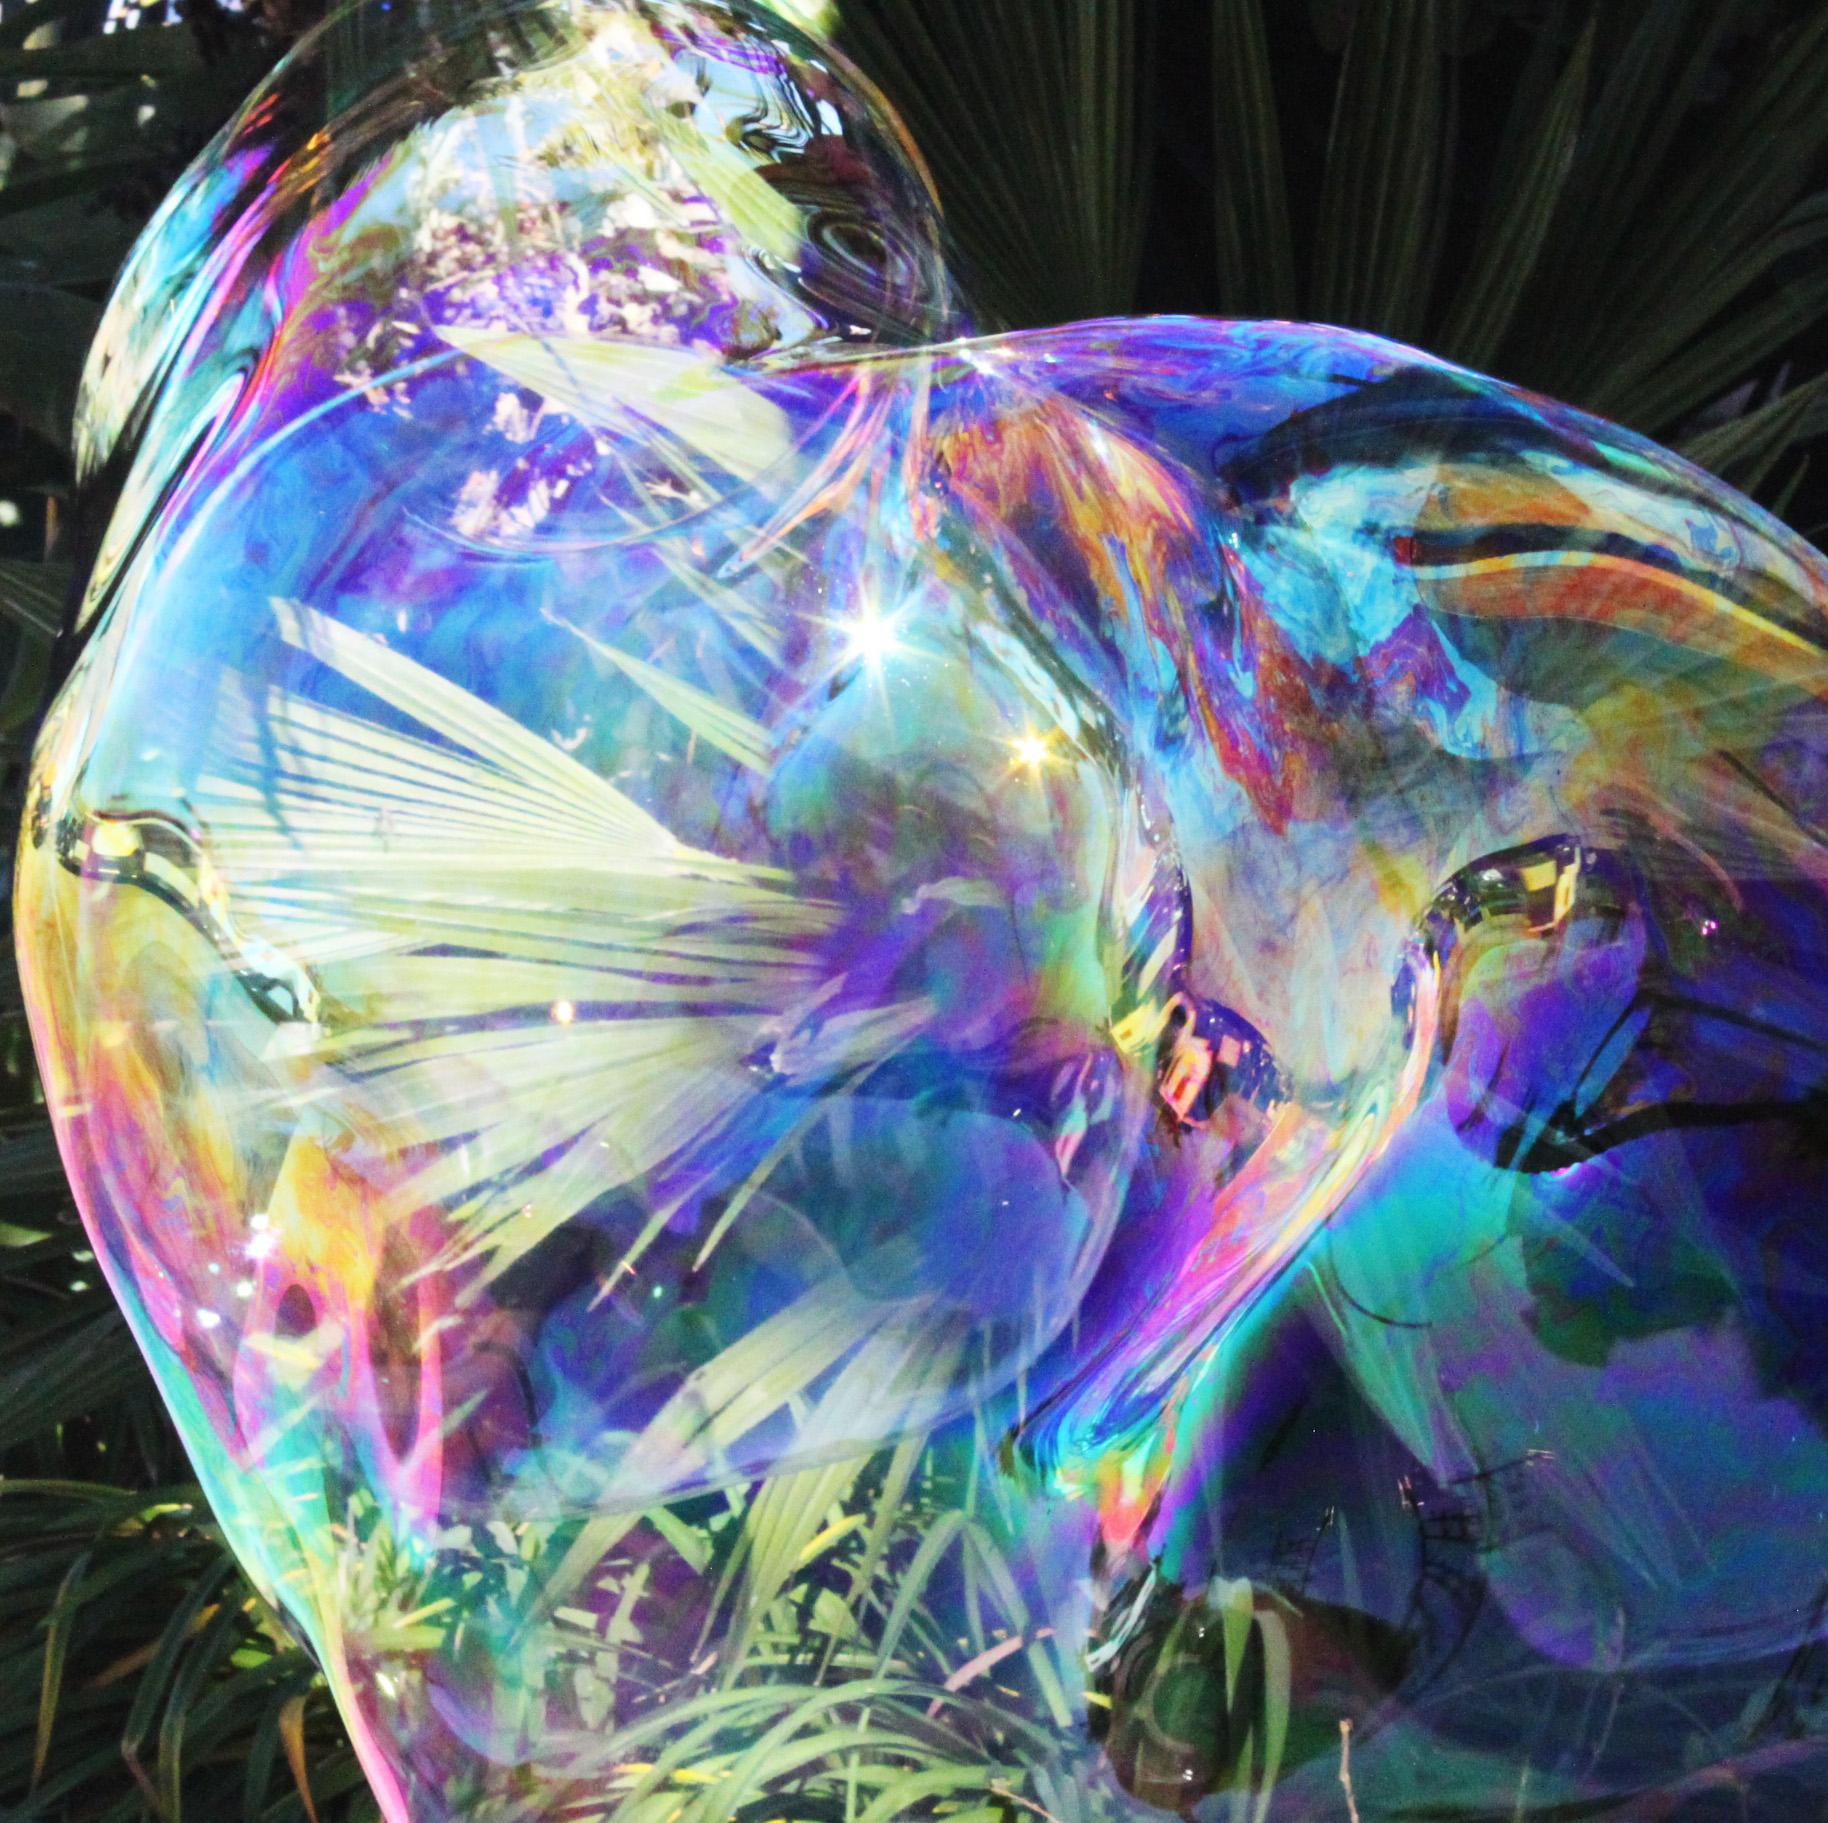 Siena_bubble close up sparkle.jpg